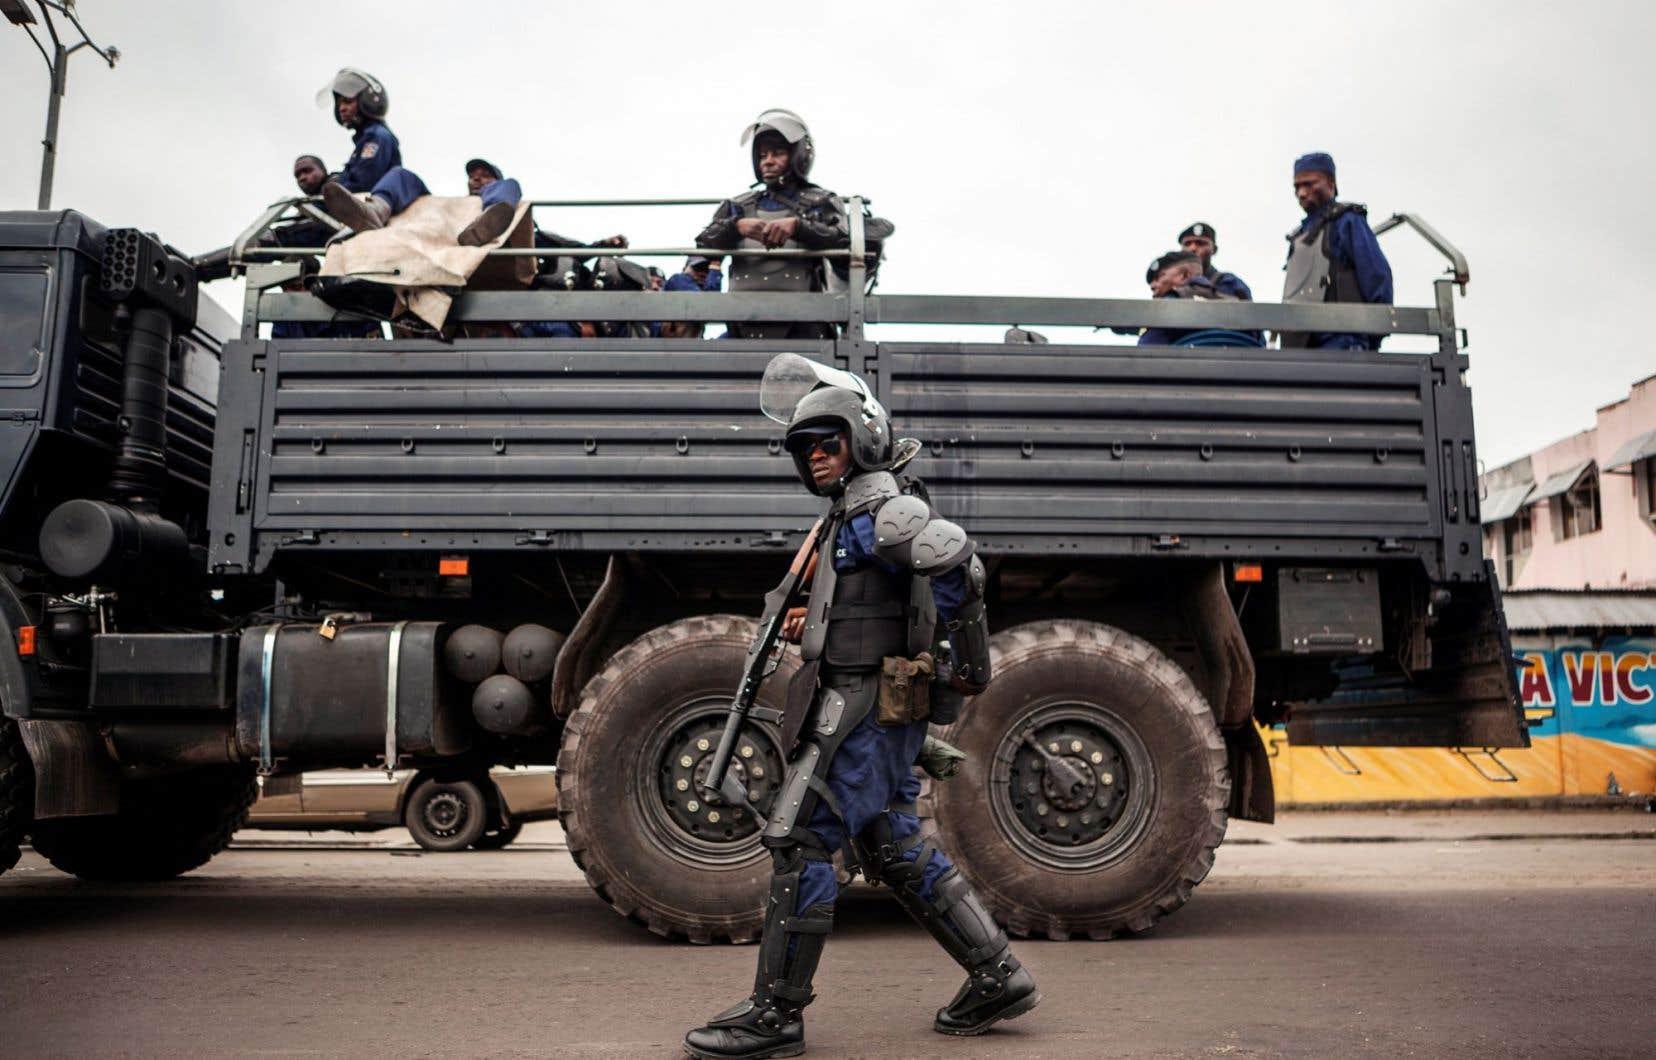 La RDC traverse une crise politique profonde depuis la réélection de Joseph Kabila en novembre 2011 lors d'un scrutin marqué par des fraudes massives.